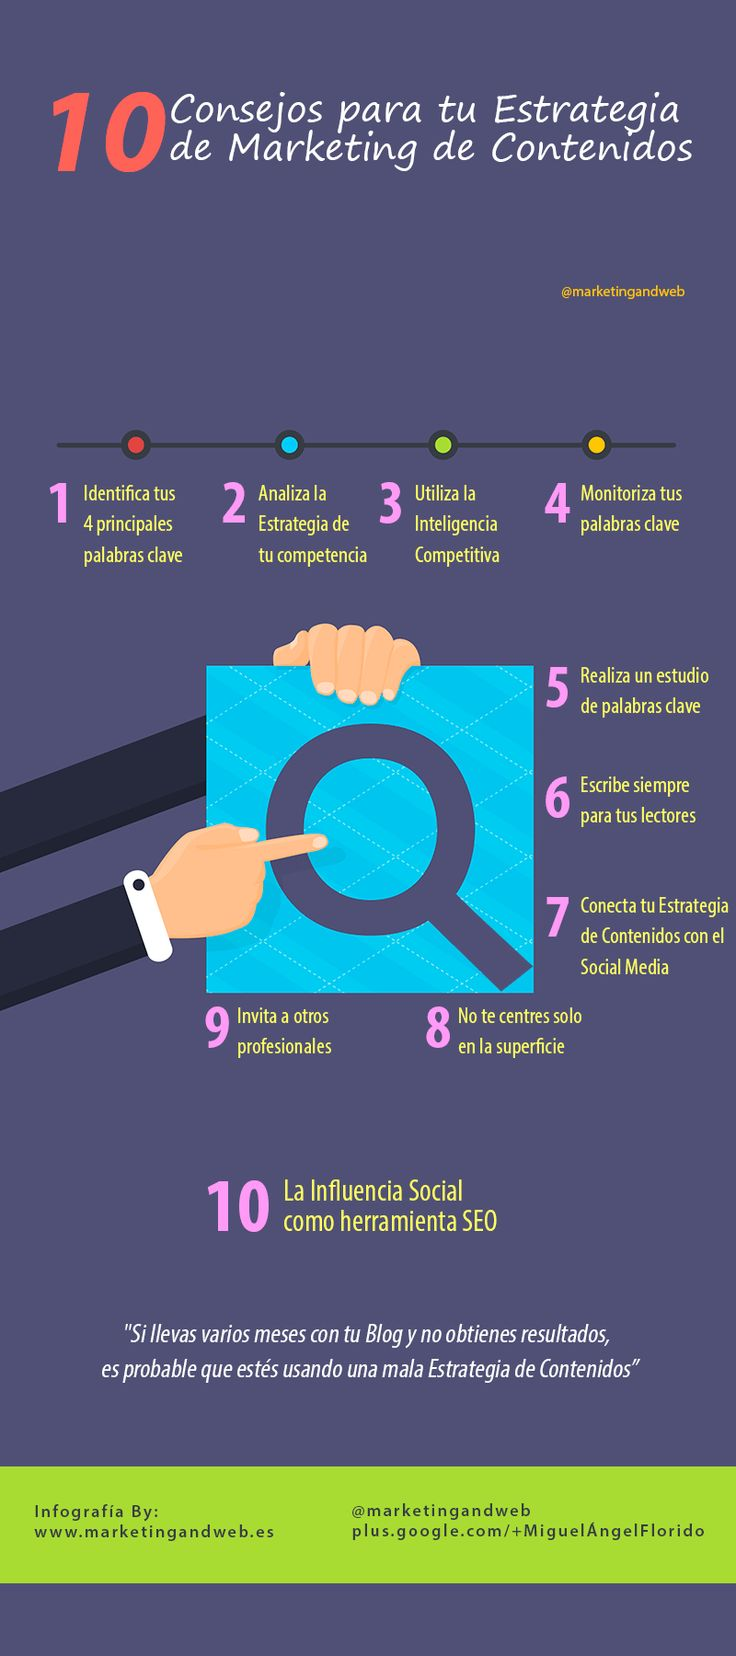 #Infografia 10 Consejos para tu Estrategia de Marketing de Contenidos via @marketing